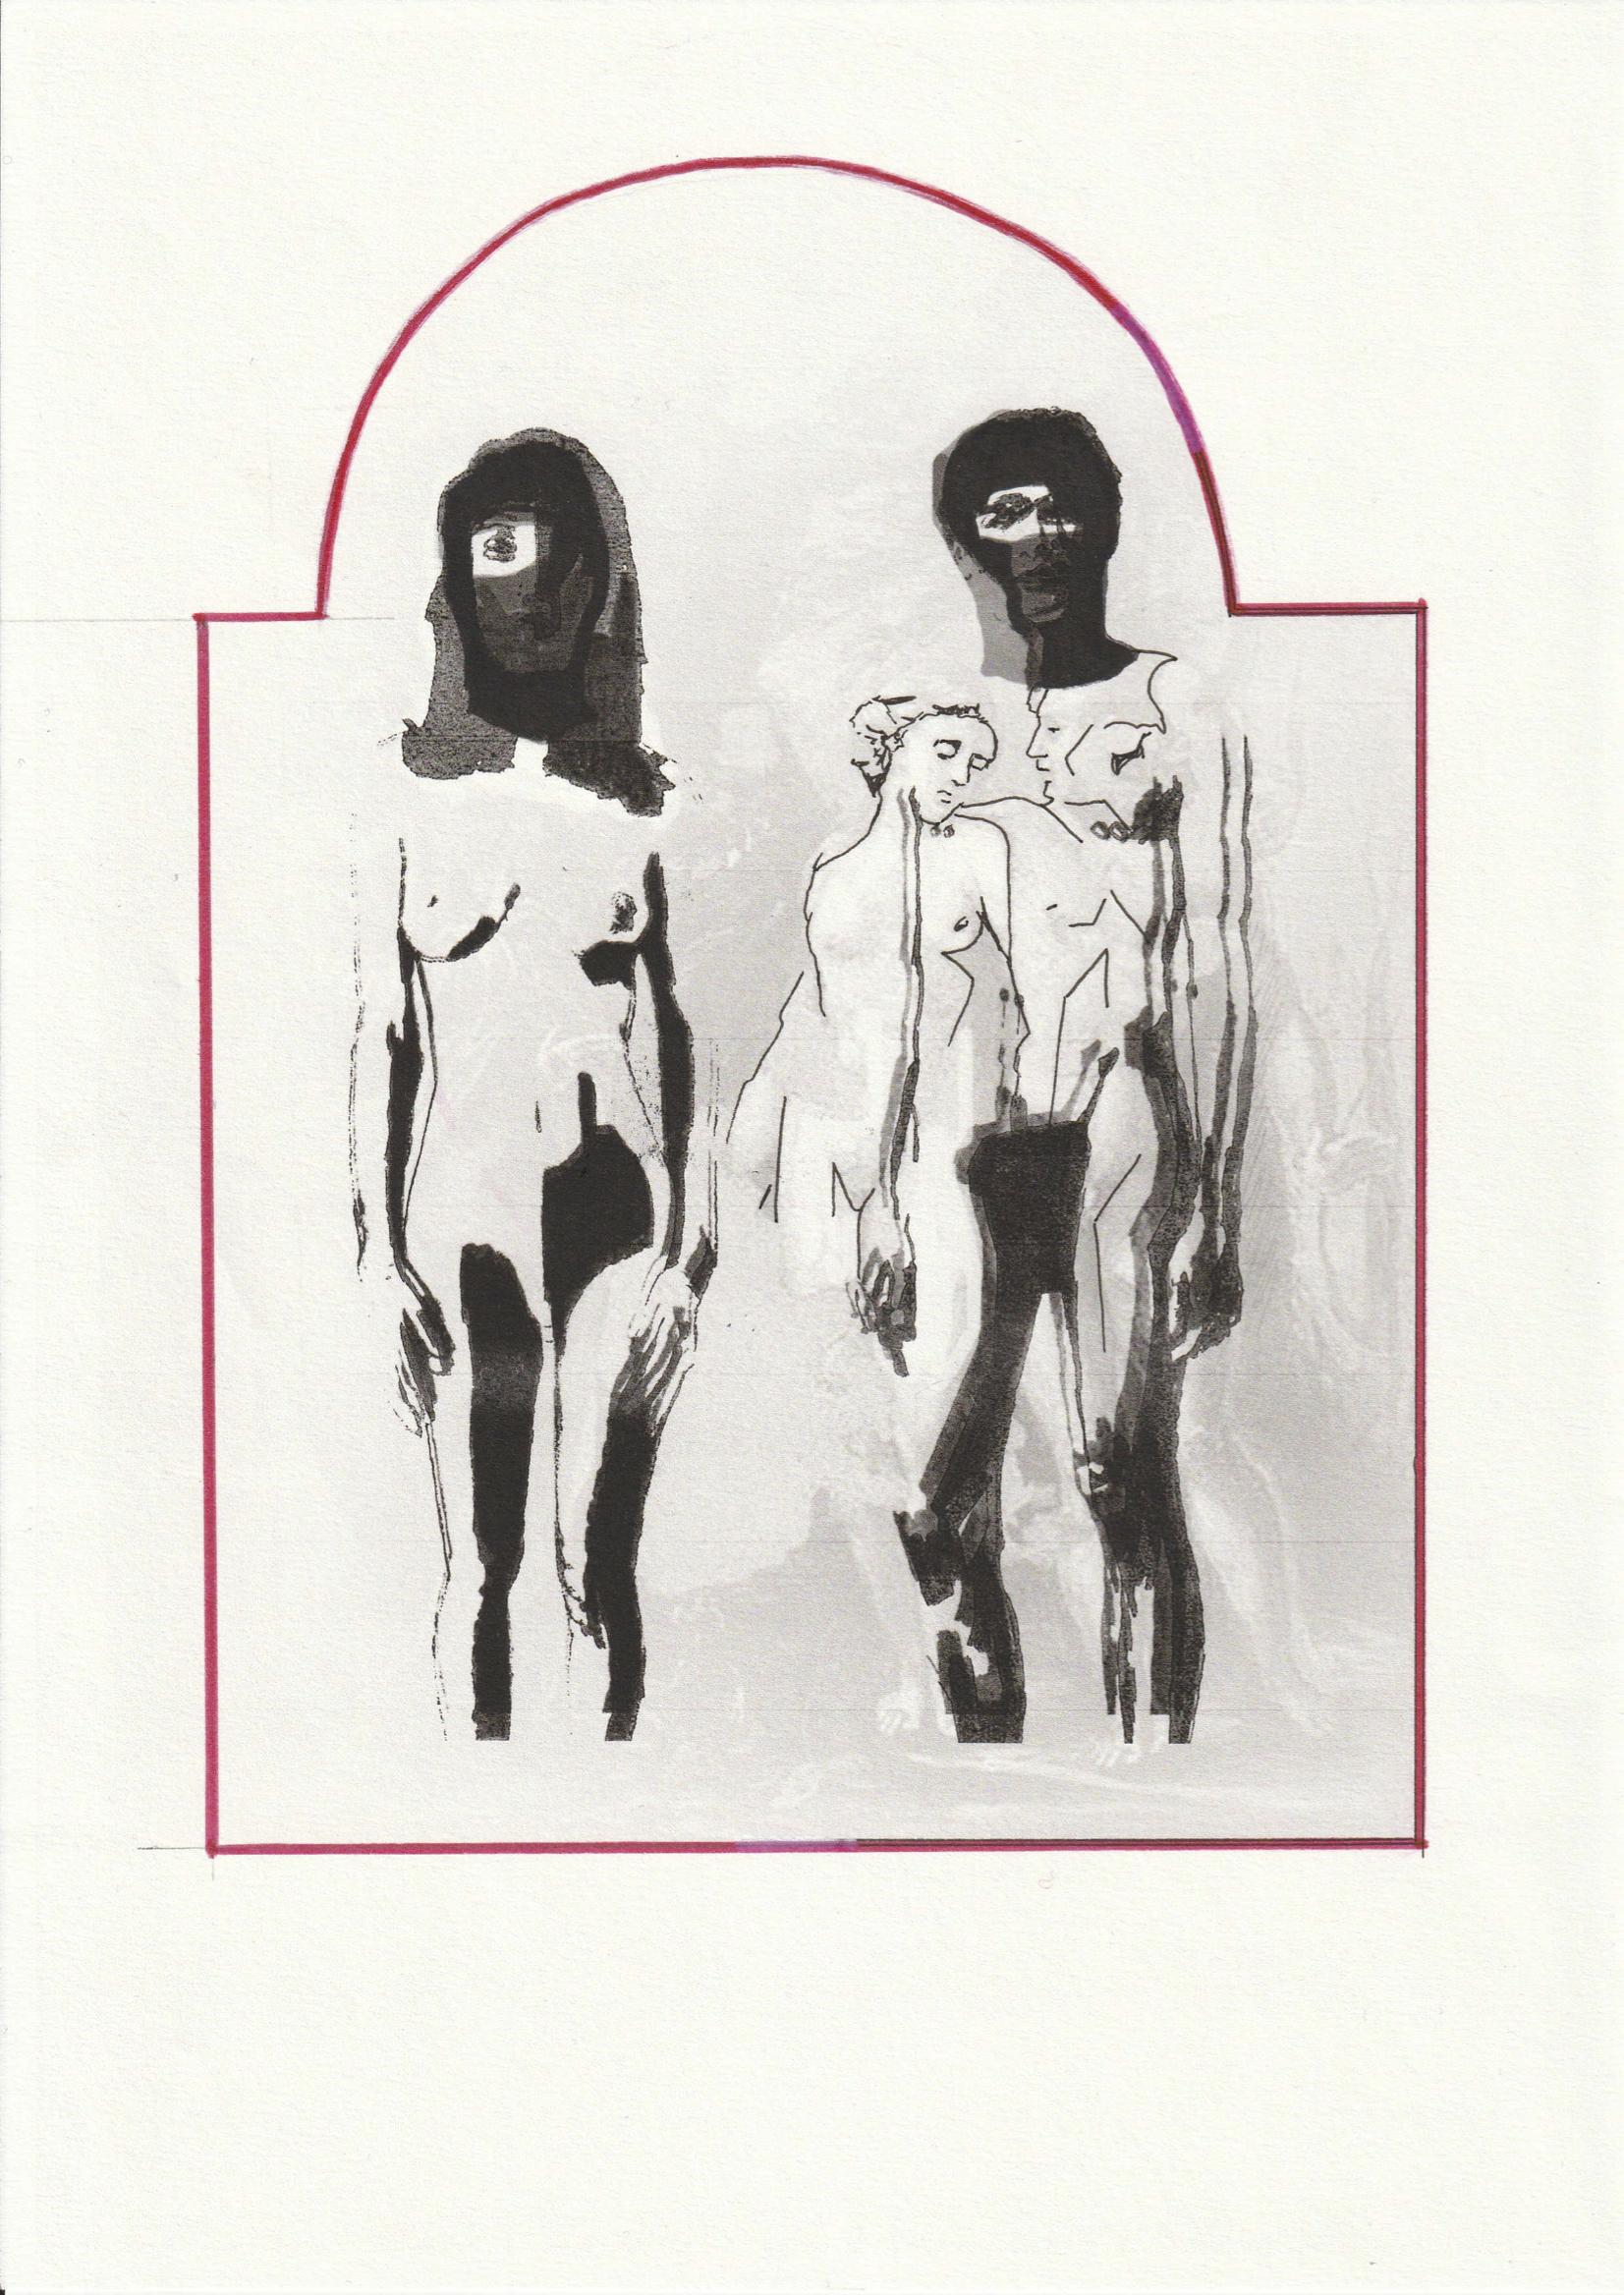 ADAM&EVE, 2019, technique mixte sur papier, 29,7 x 21 cm